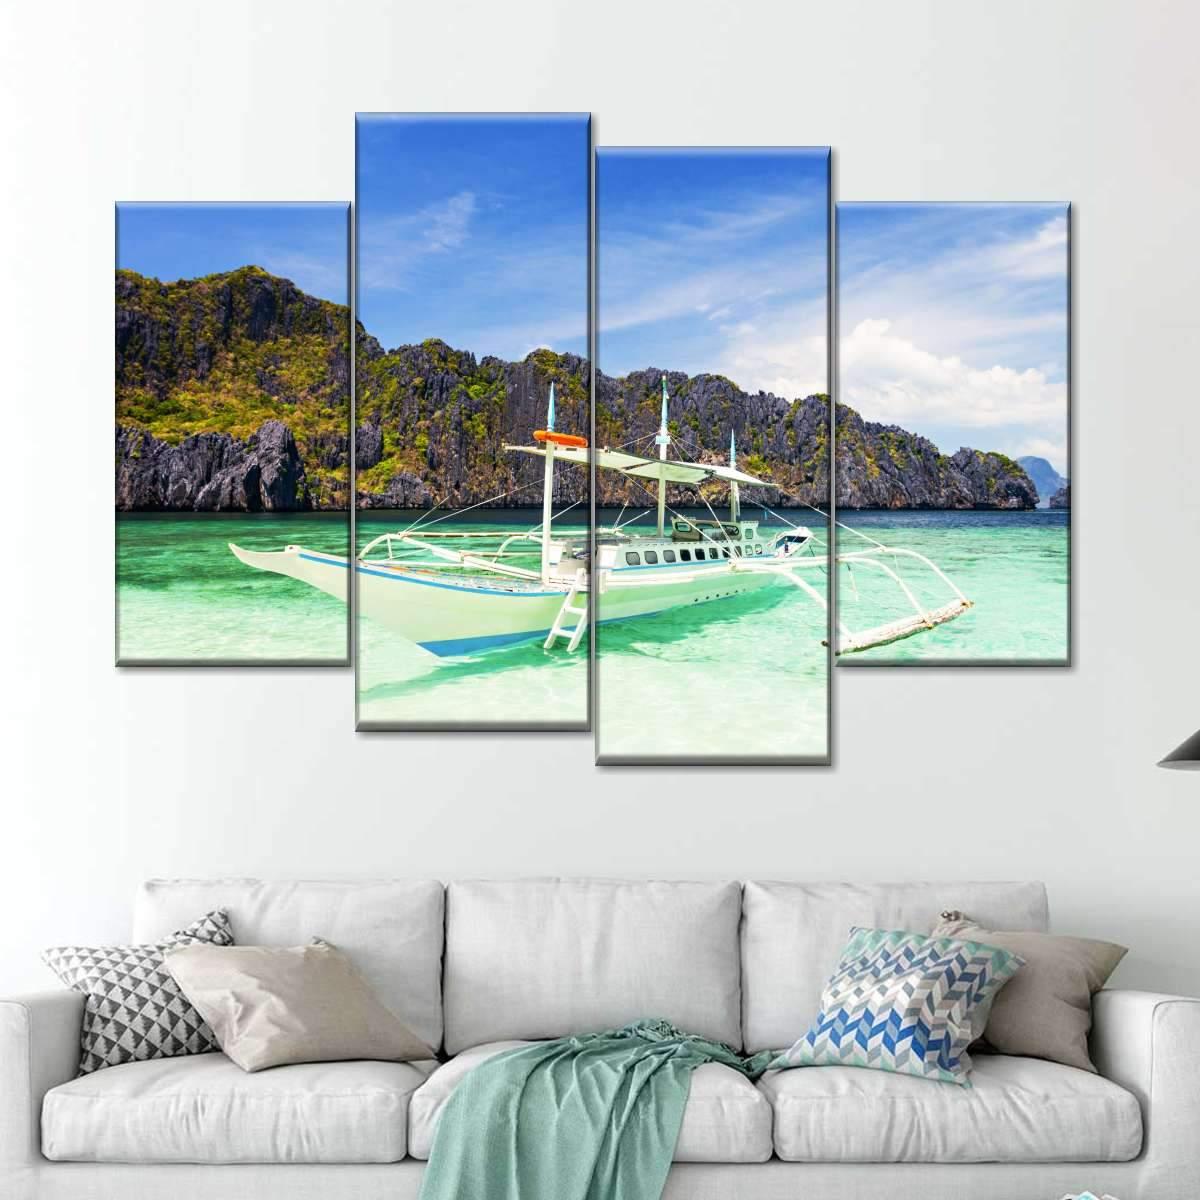 Filipino Boat Multi Panel Canvas Wall Art